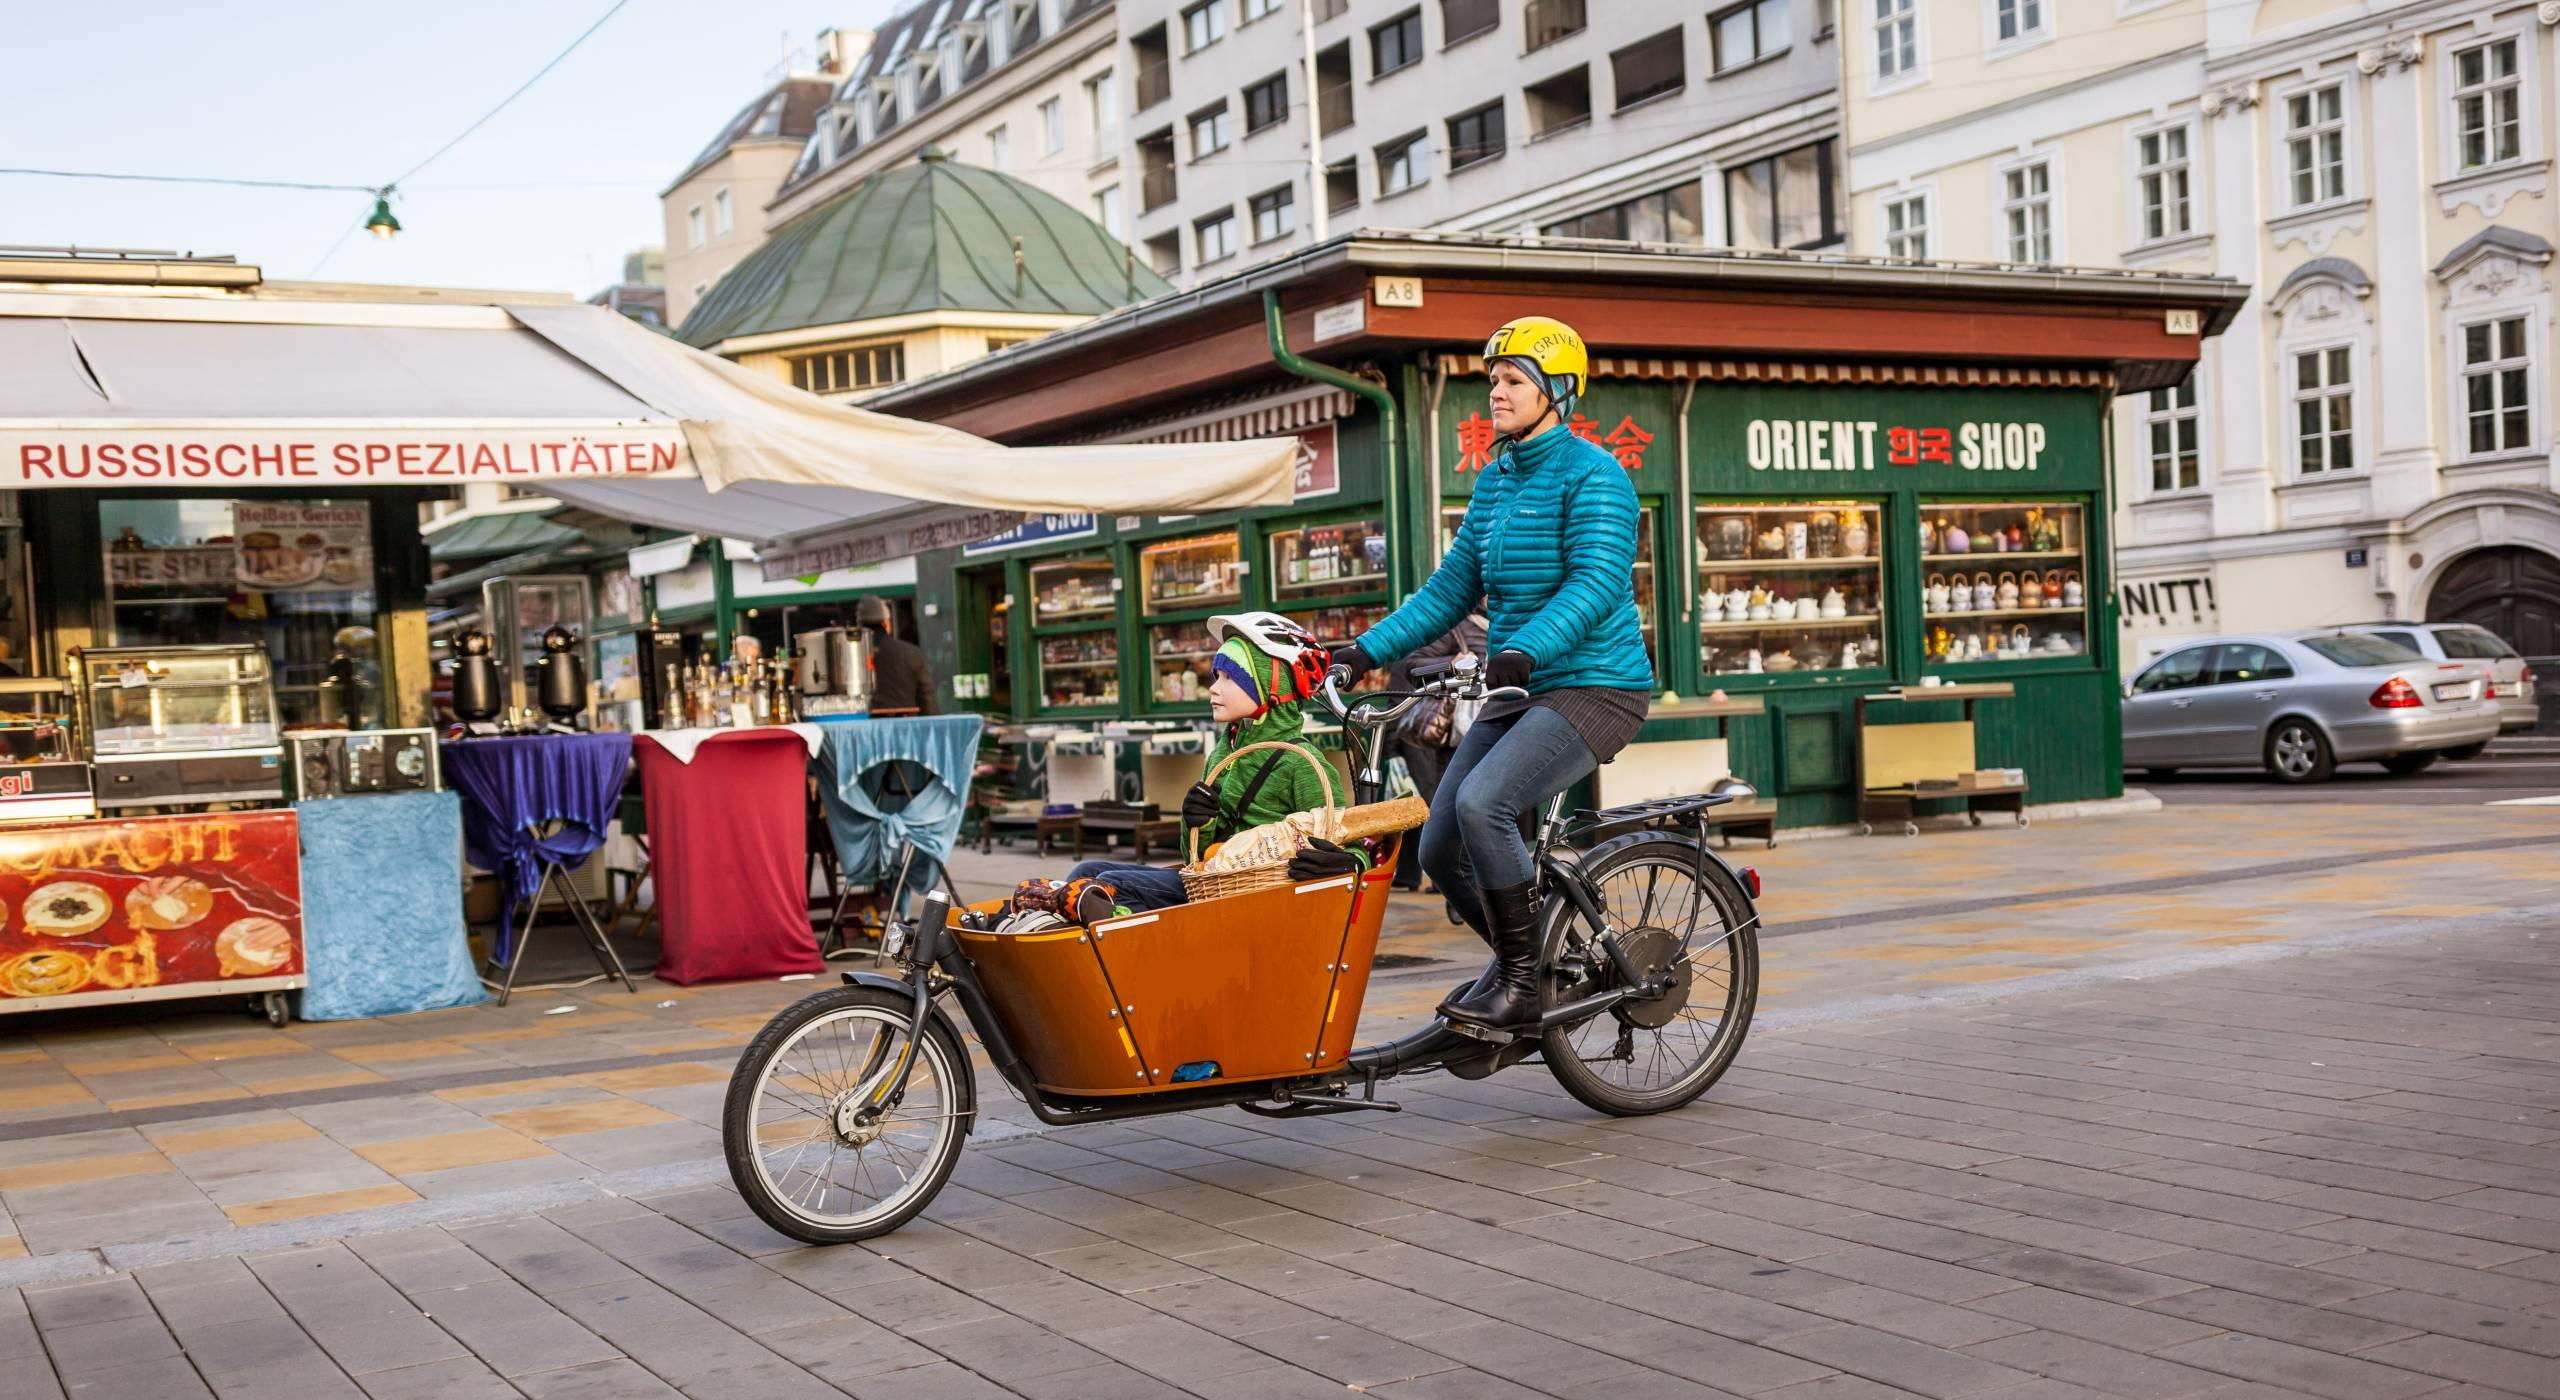 Frau fährt mit Transportfahrrad in der Begegnungszone Schleifmühlbrücke mit dem Naschmarkt im Hintergrund. Ihr kleiner Sohn sitzt im Korb des Transportfahrrads. Foto: Stephan Doleschal